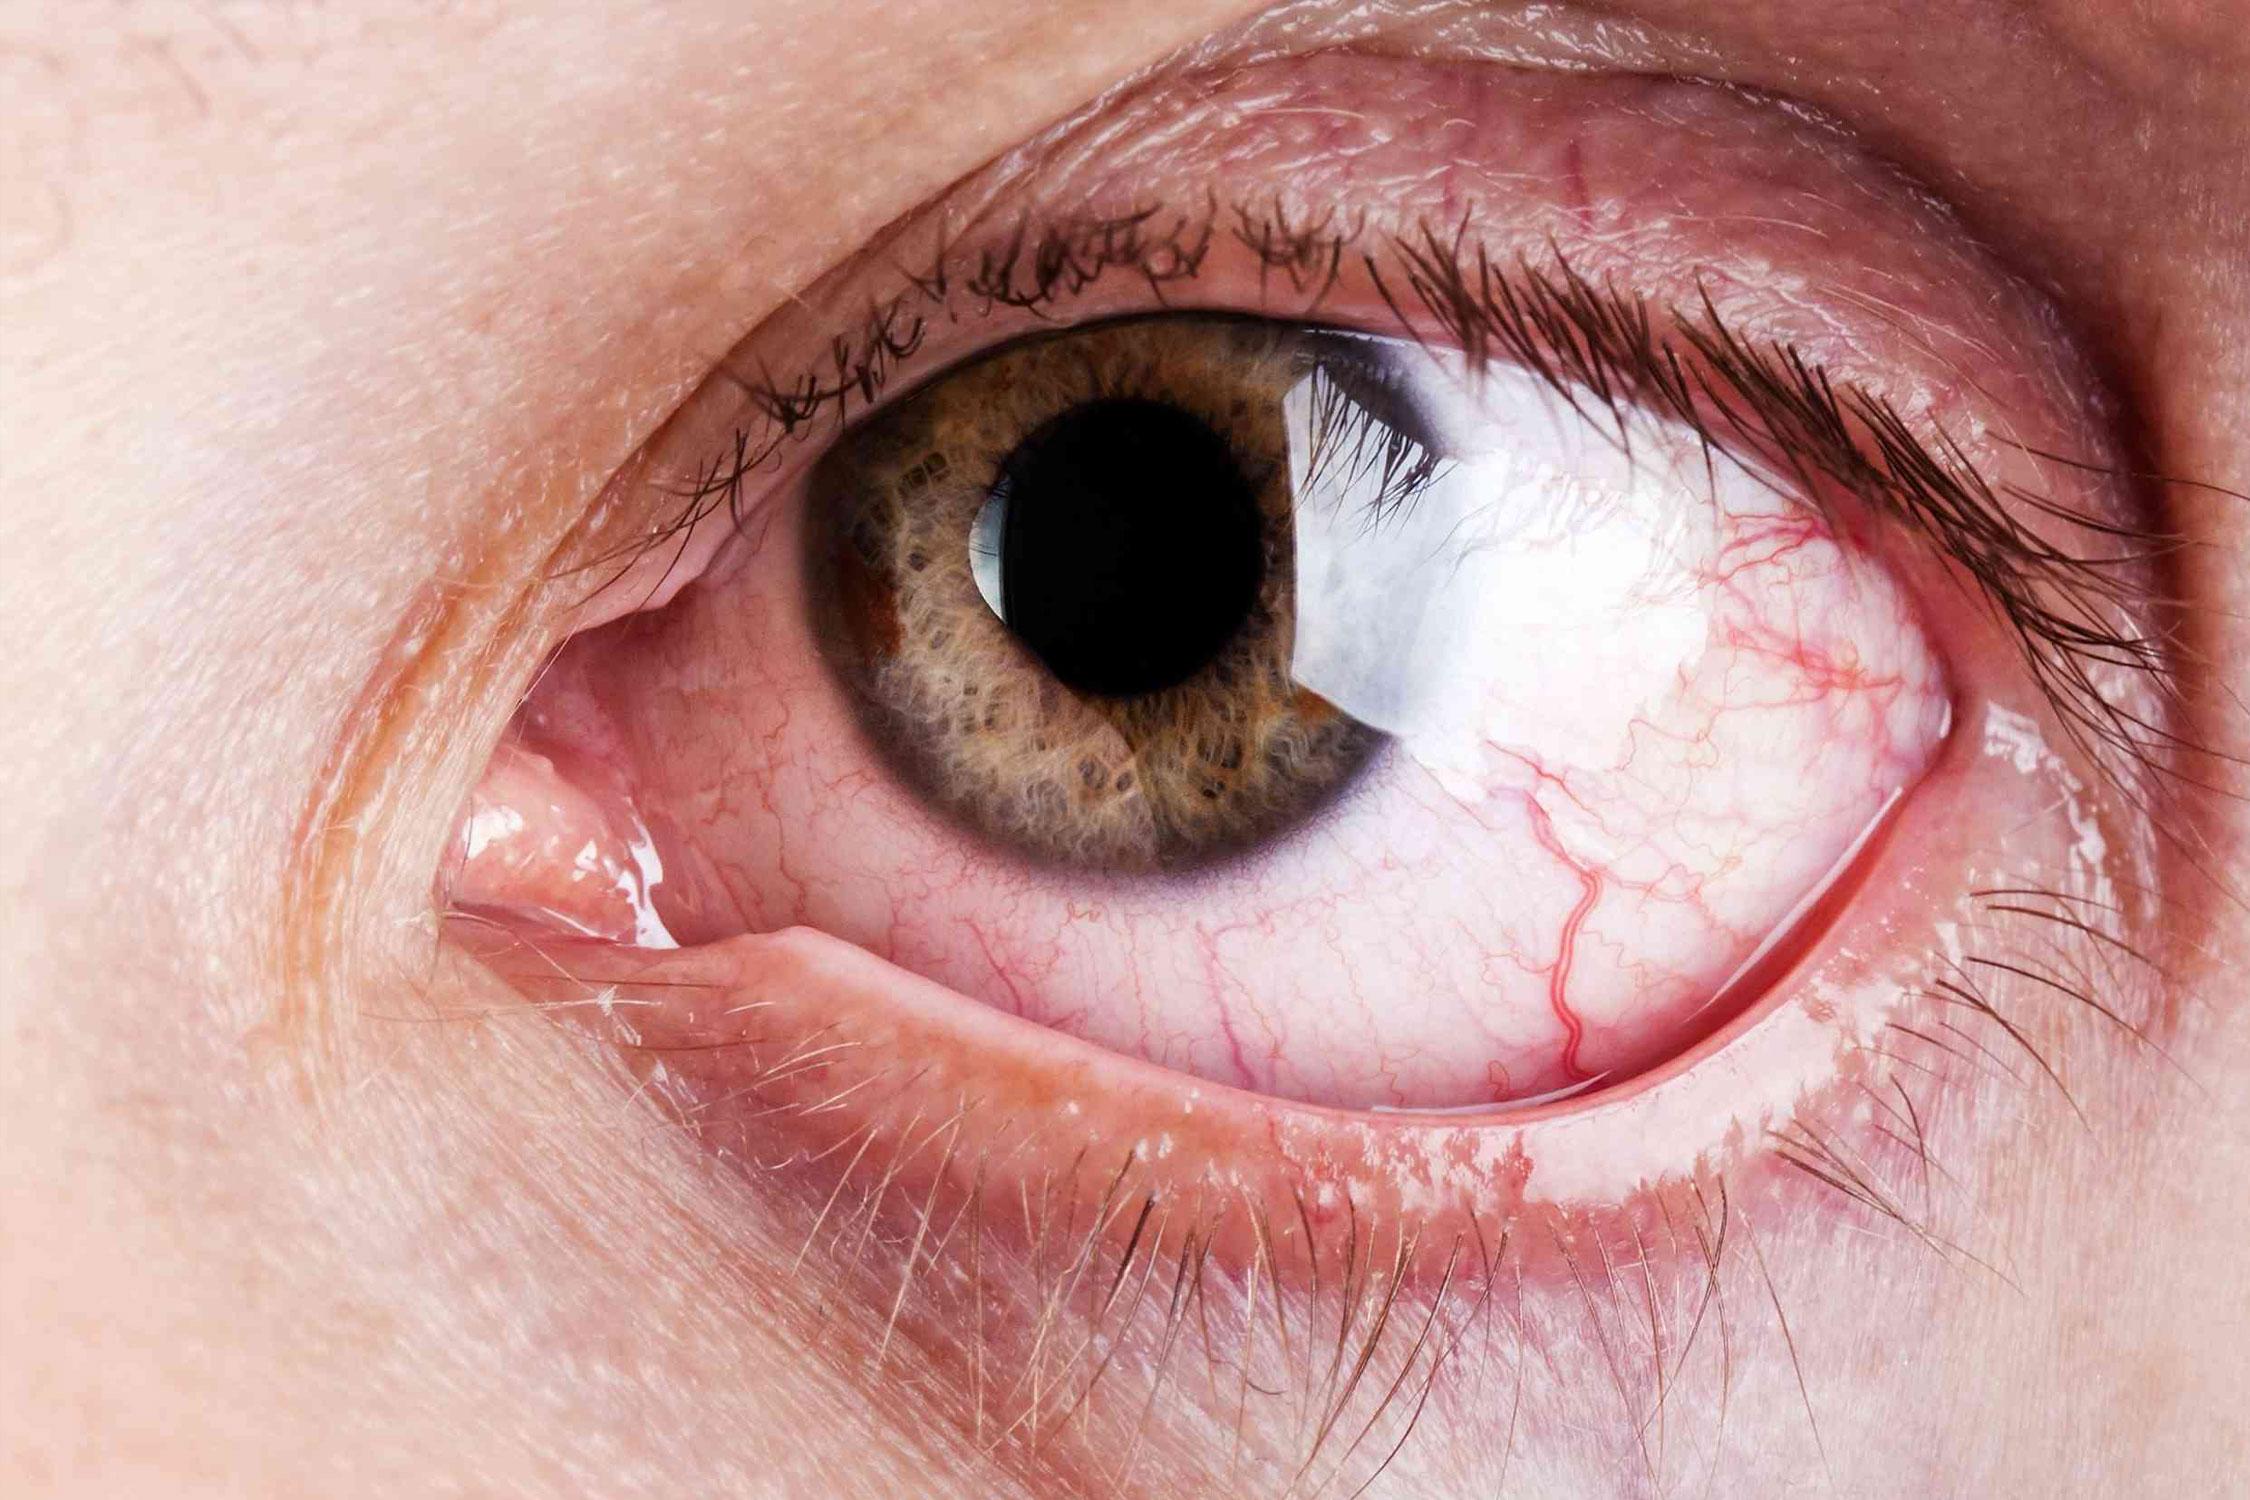 Enfermedades del ojo que pueden ocasionar ceguera